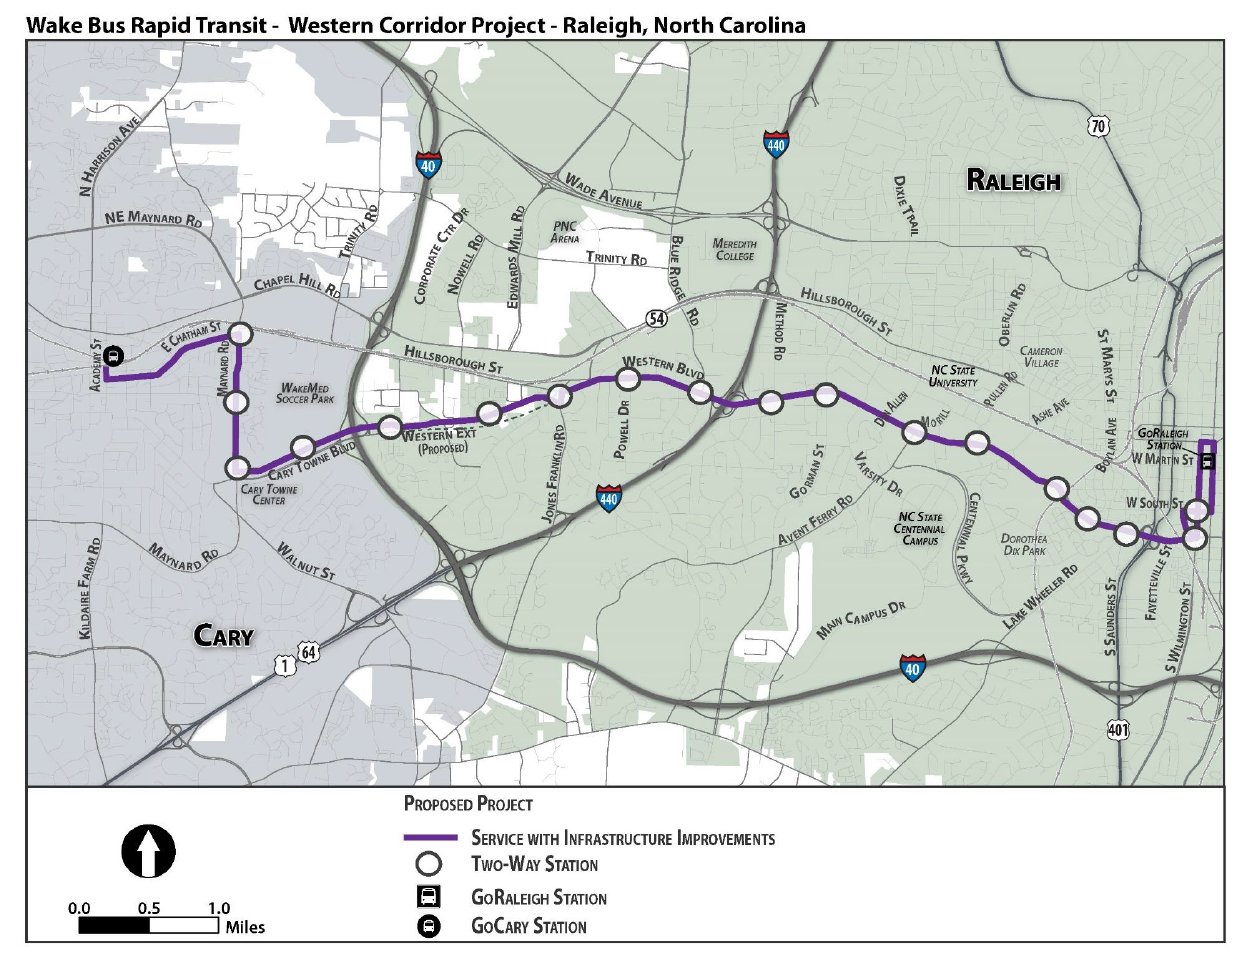 map of locally preferred alternative